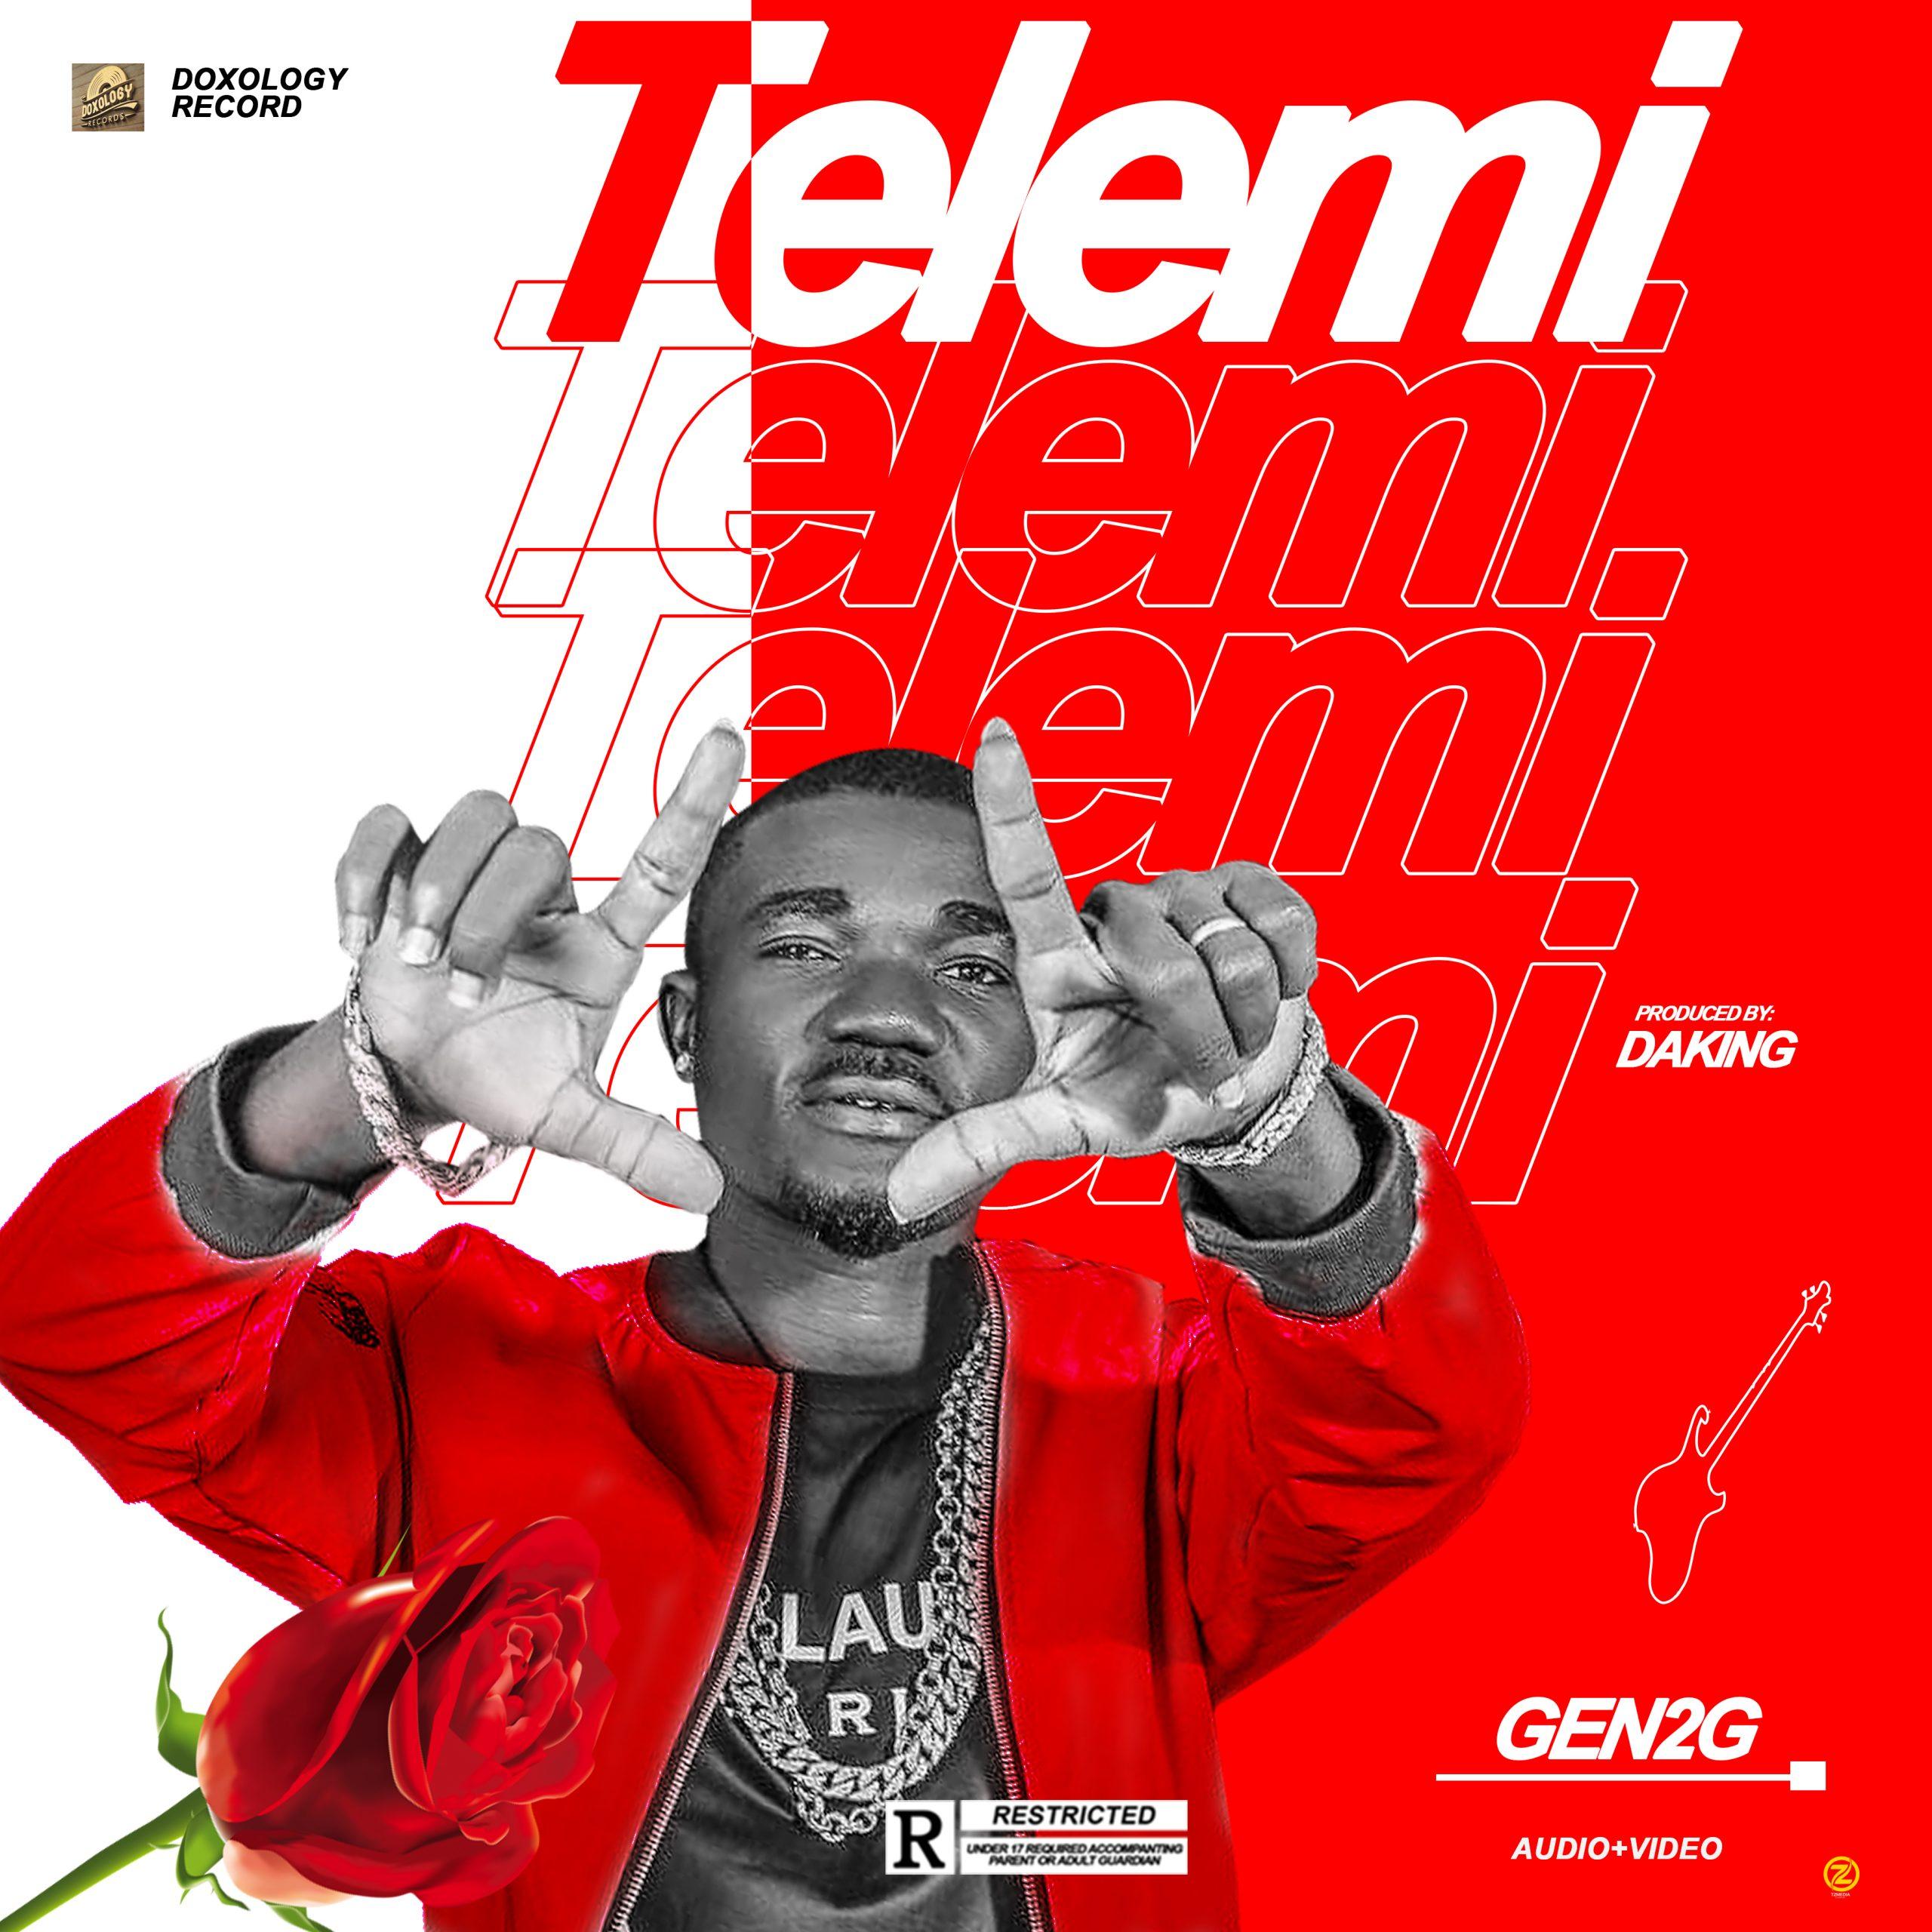 (Music+Video) Gen2g _ Tele mi